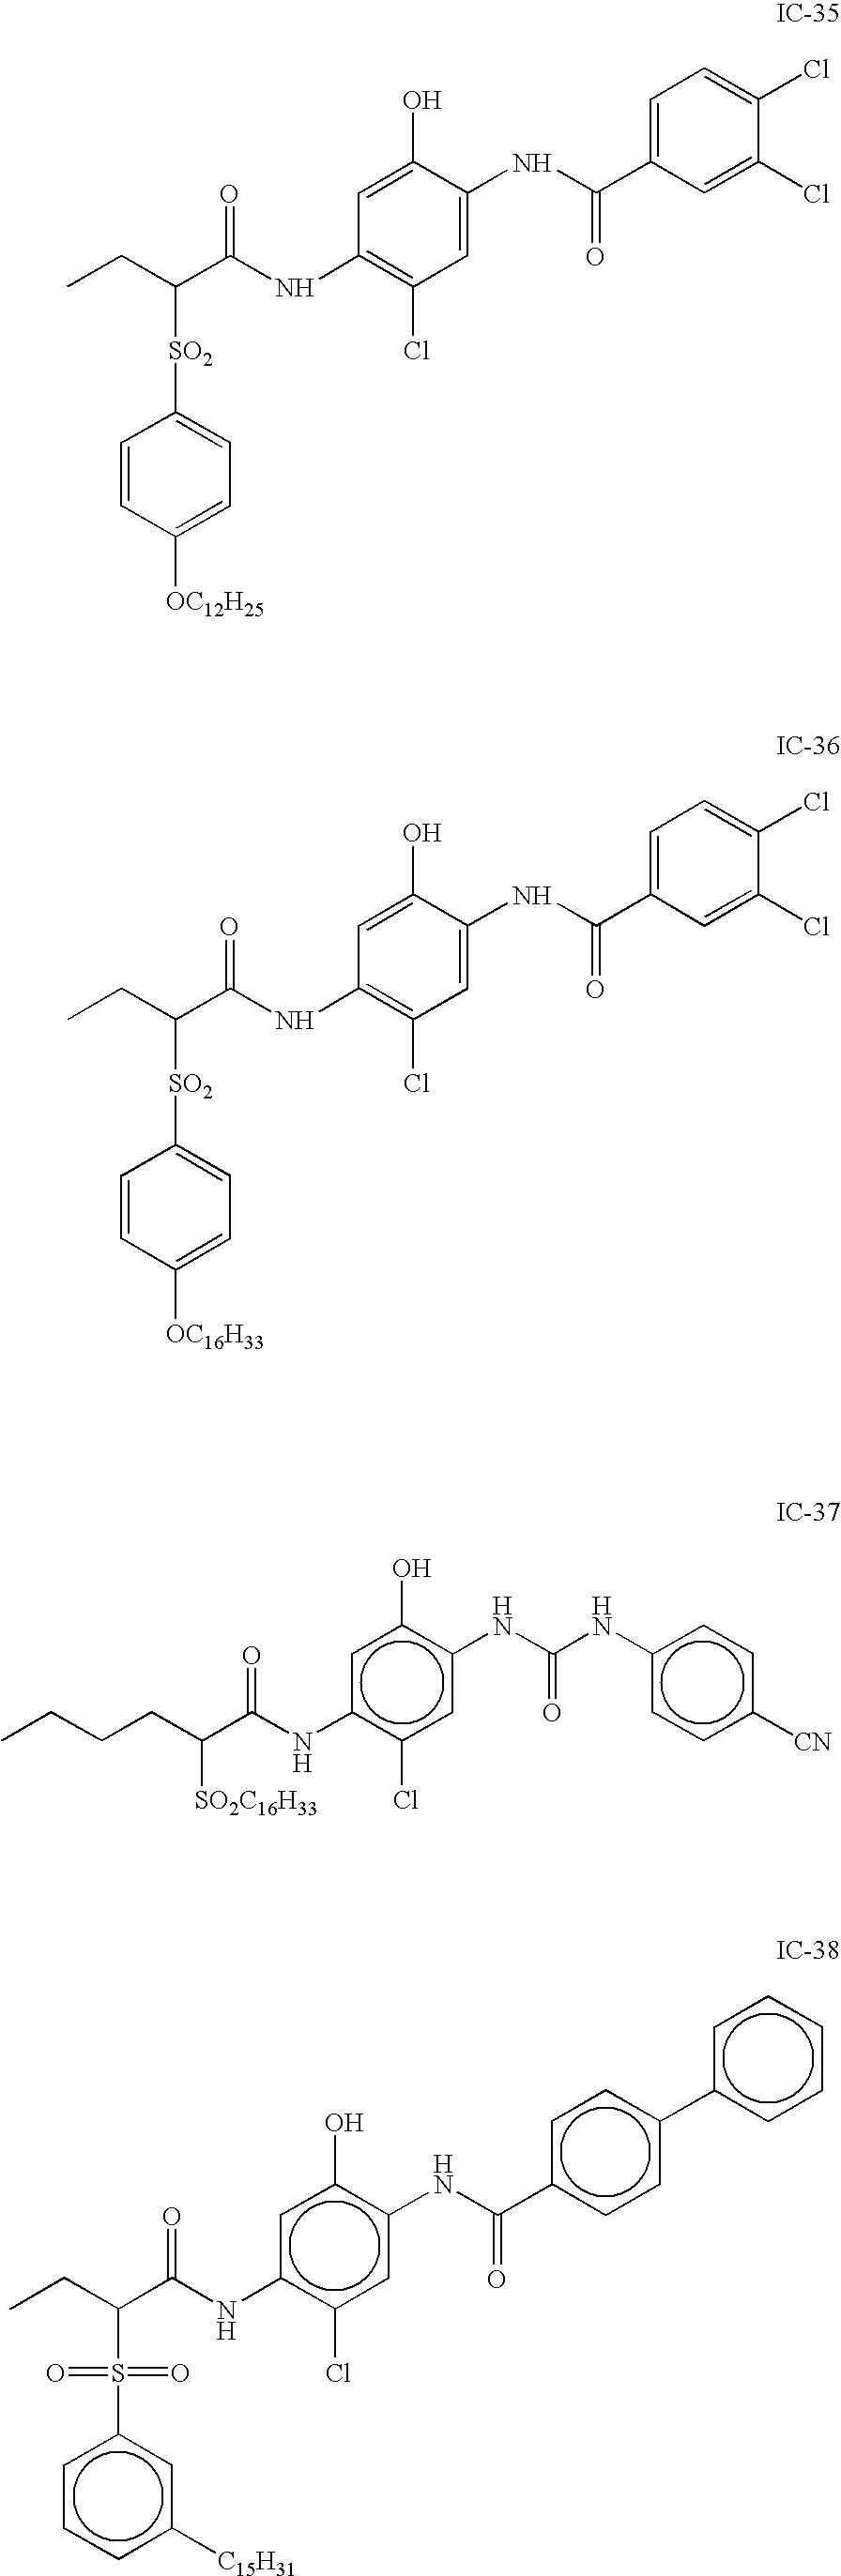 Figure US07153620-20061226-C00015